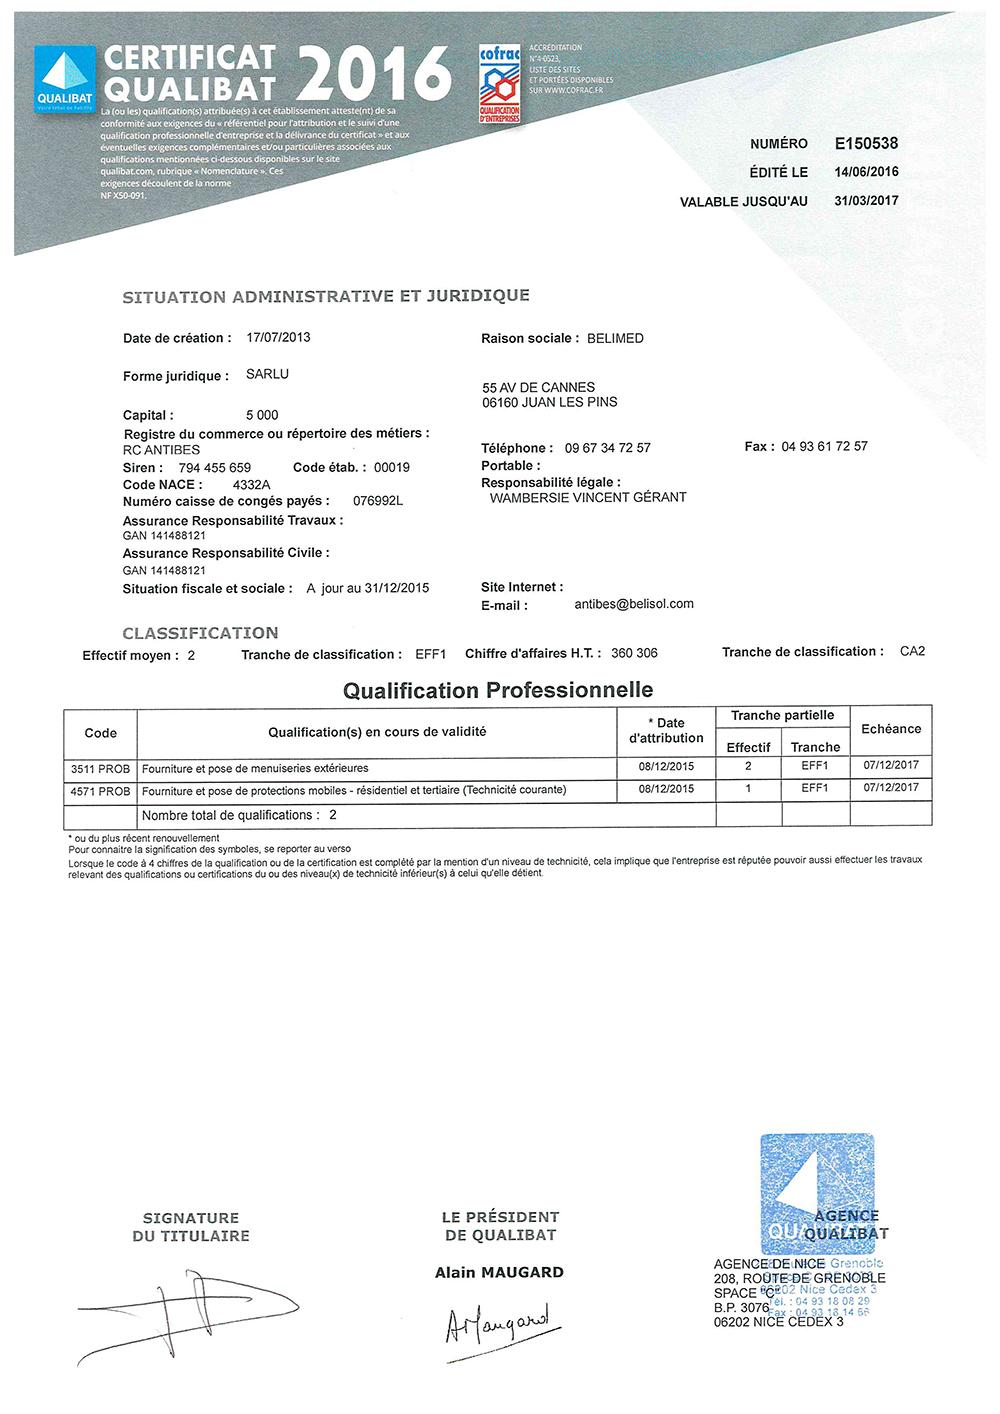 Certificat_qualibat_31_03_17_1